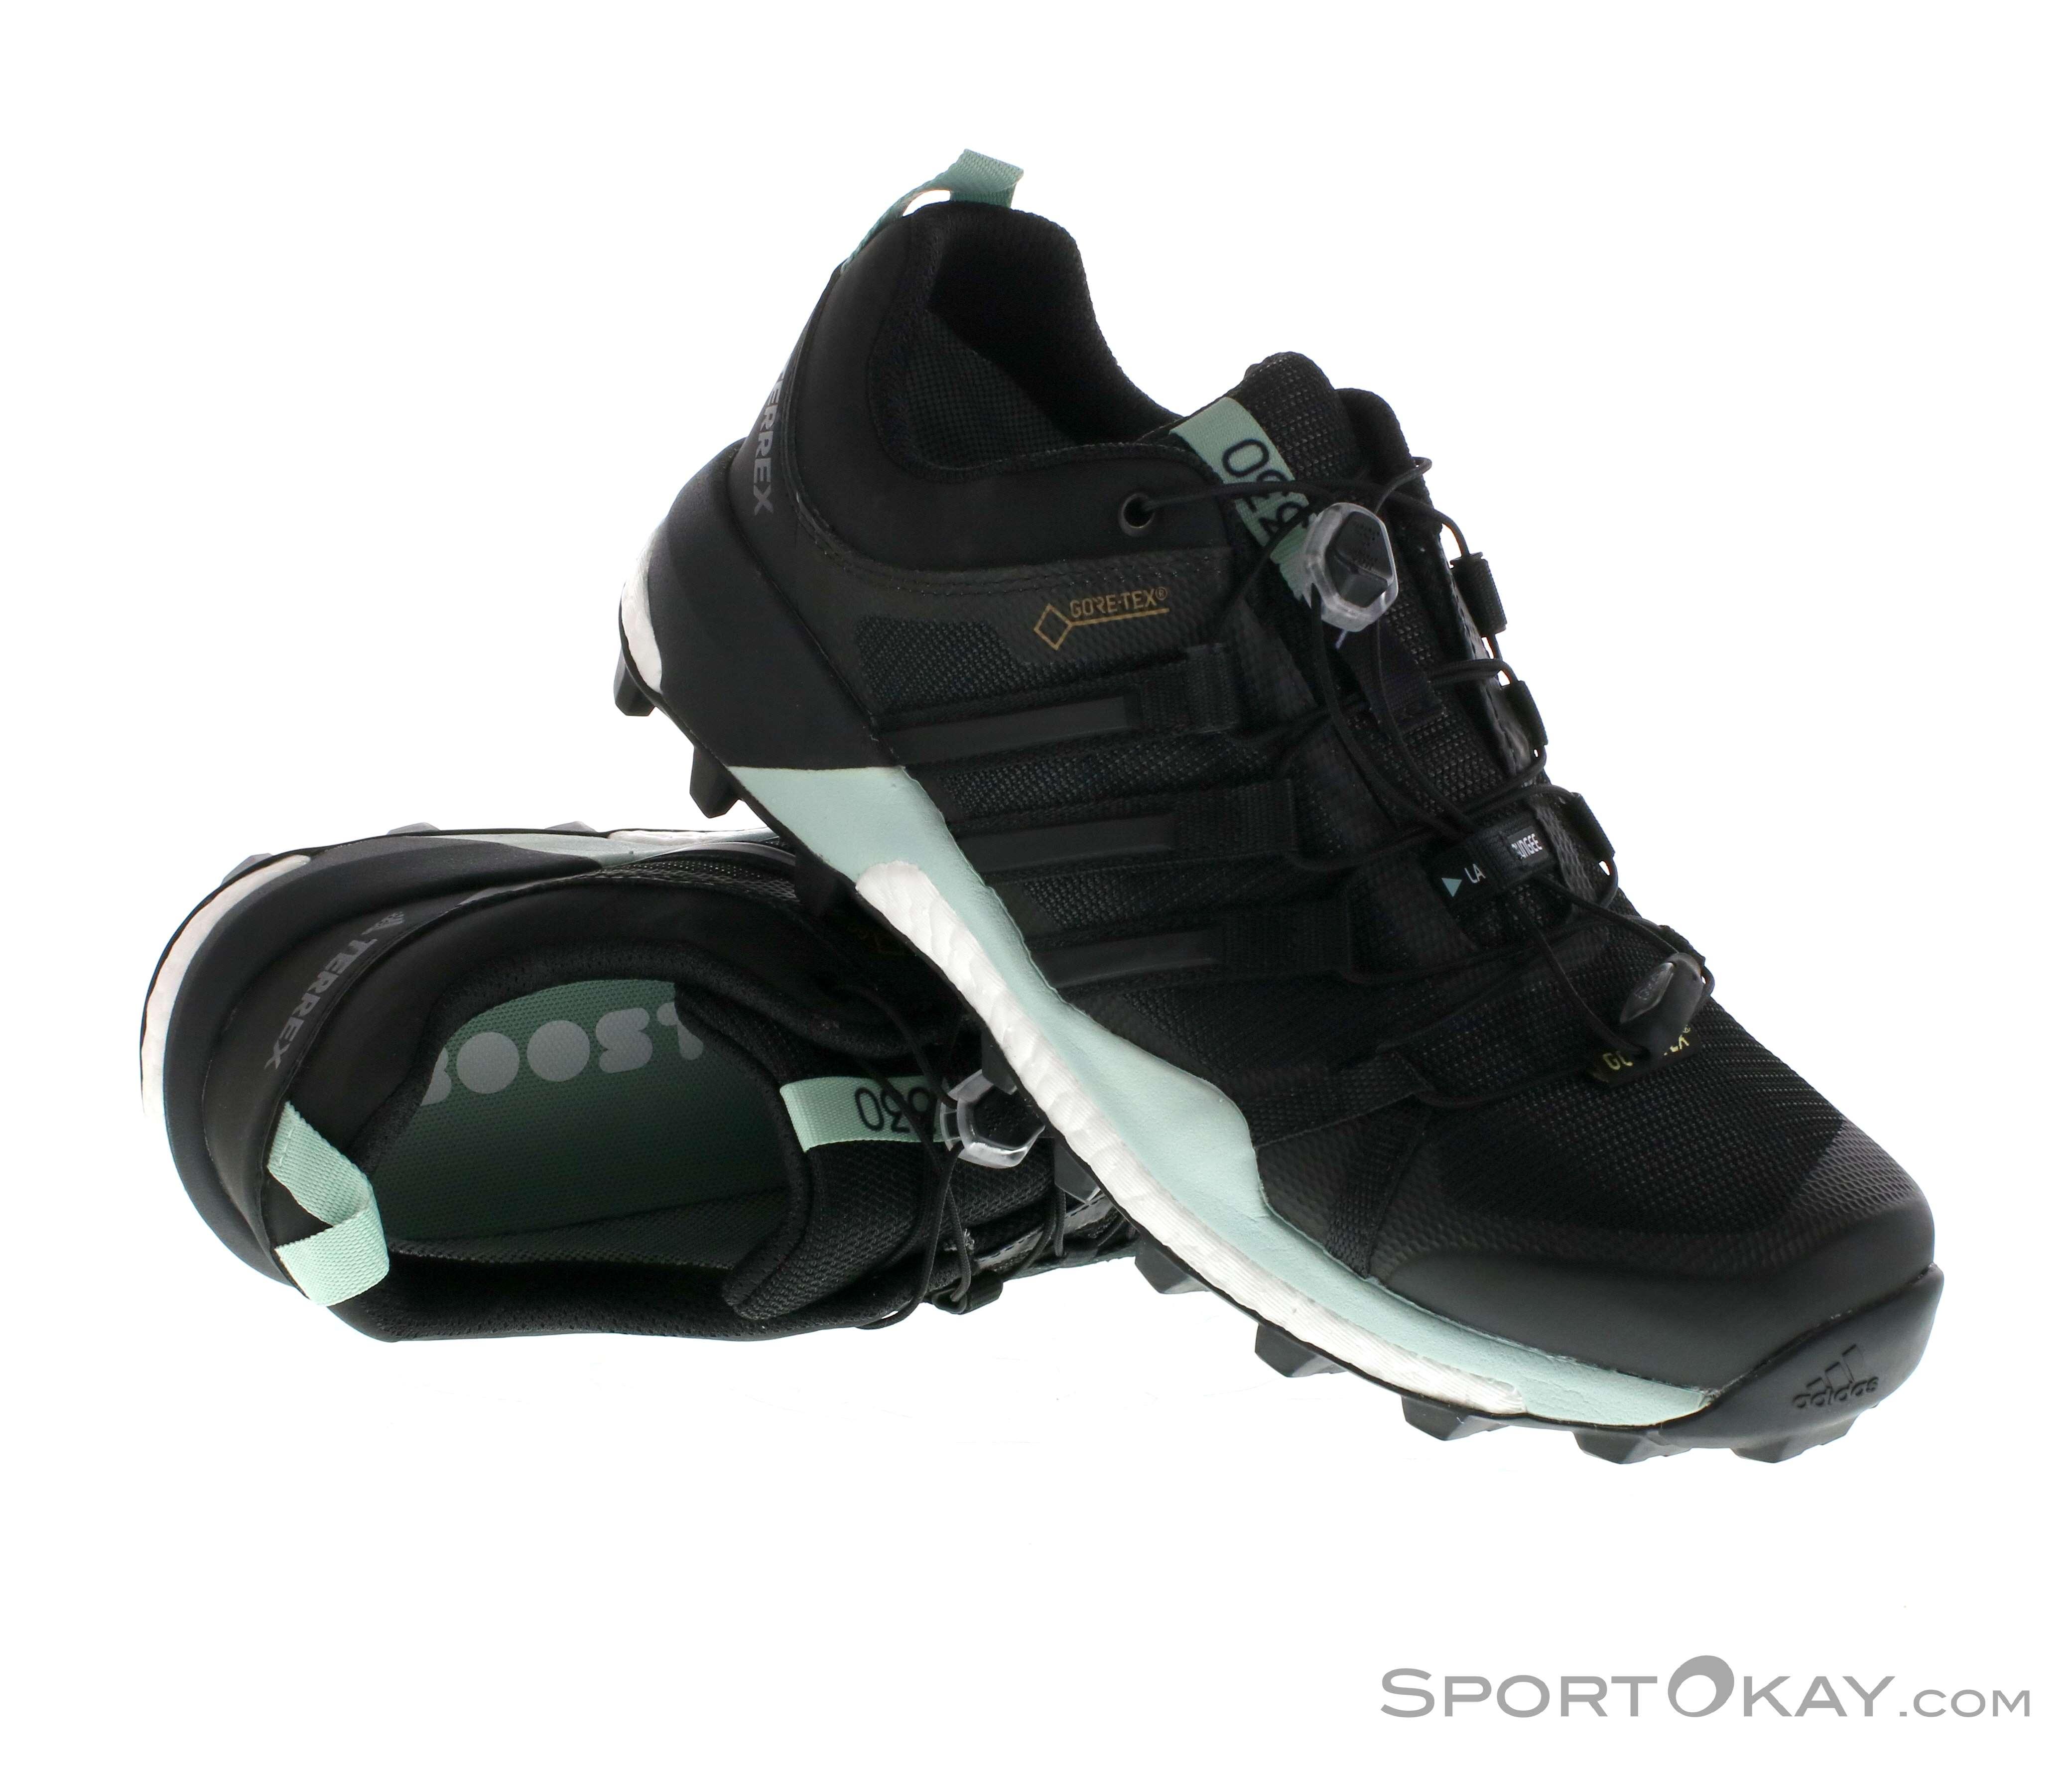 adidas Terrex Skychaser GTX Damen Traillaufschuhe Gore-Tex-Schwarz-4